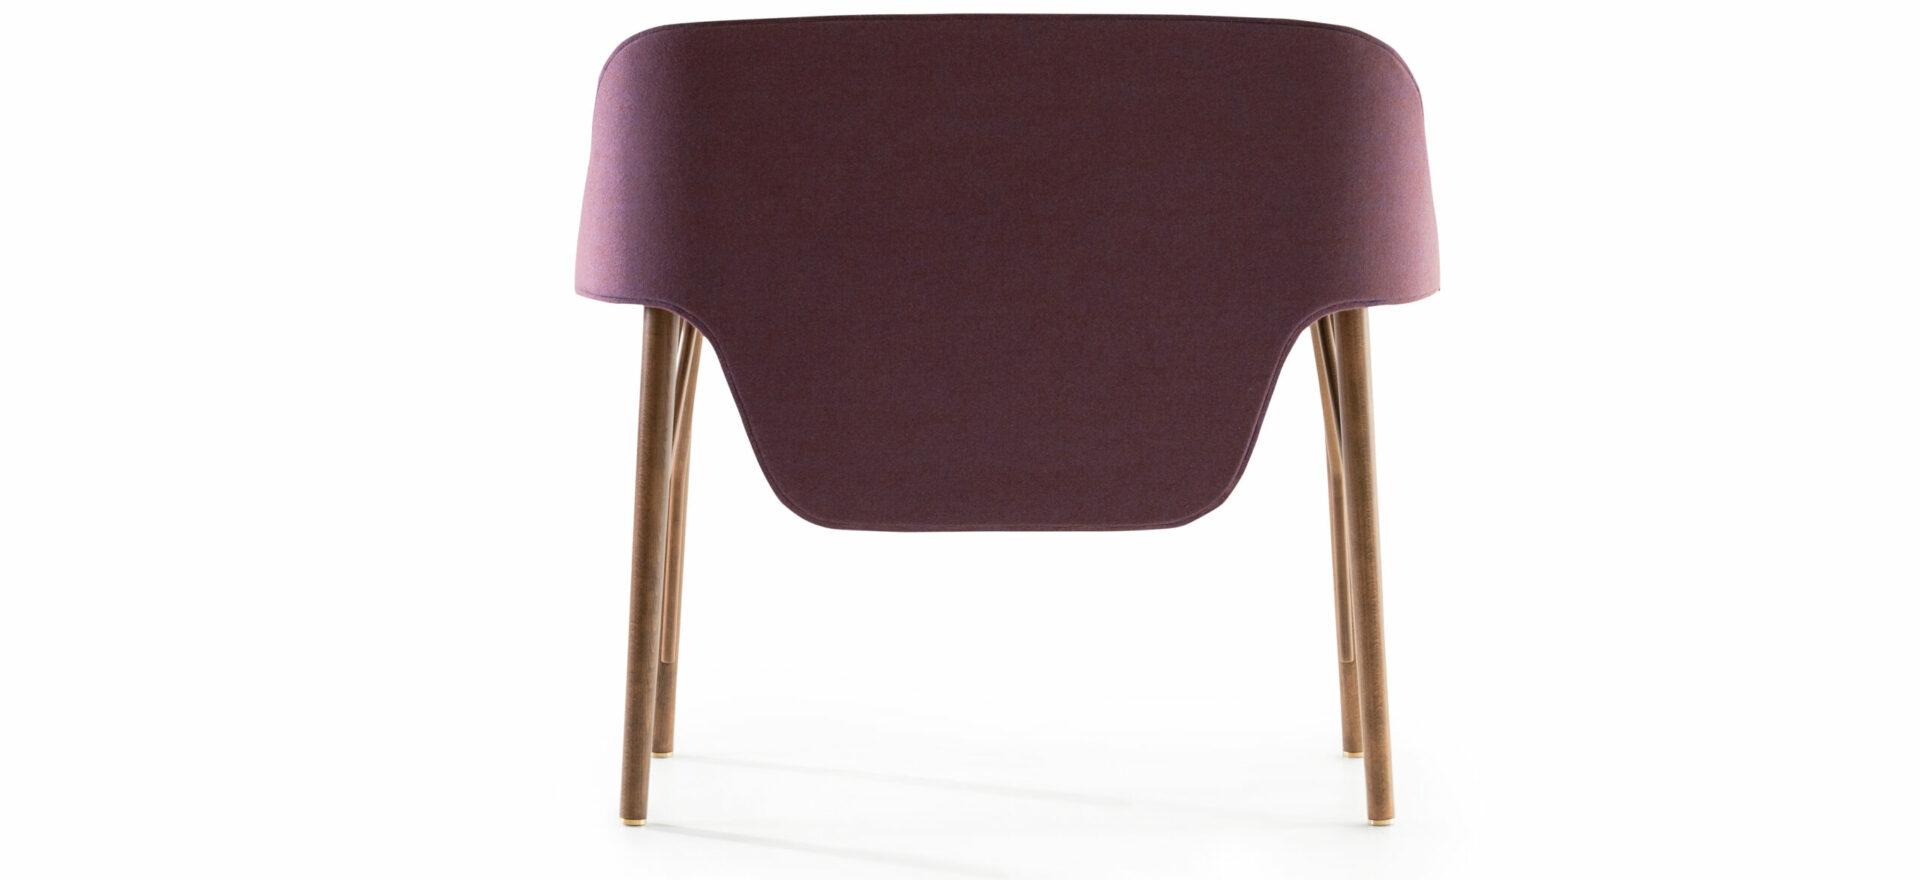 LUNEDI_Addo_workstation_home office_domestic look_Mario Trimarchi Design2